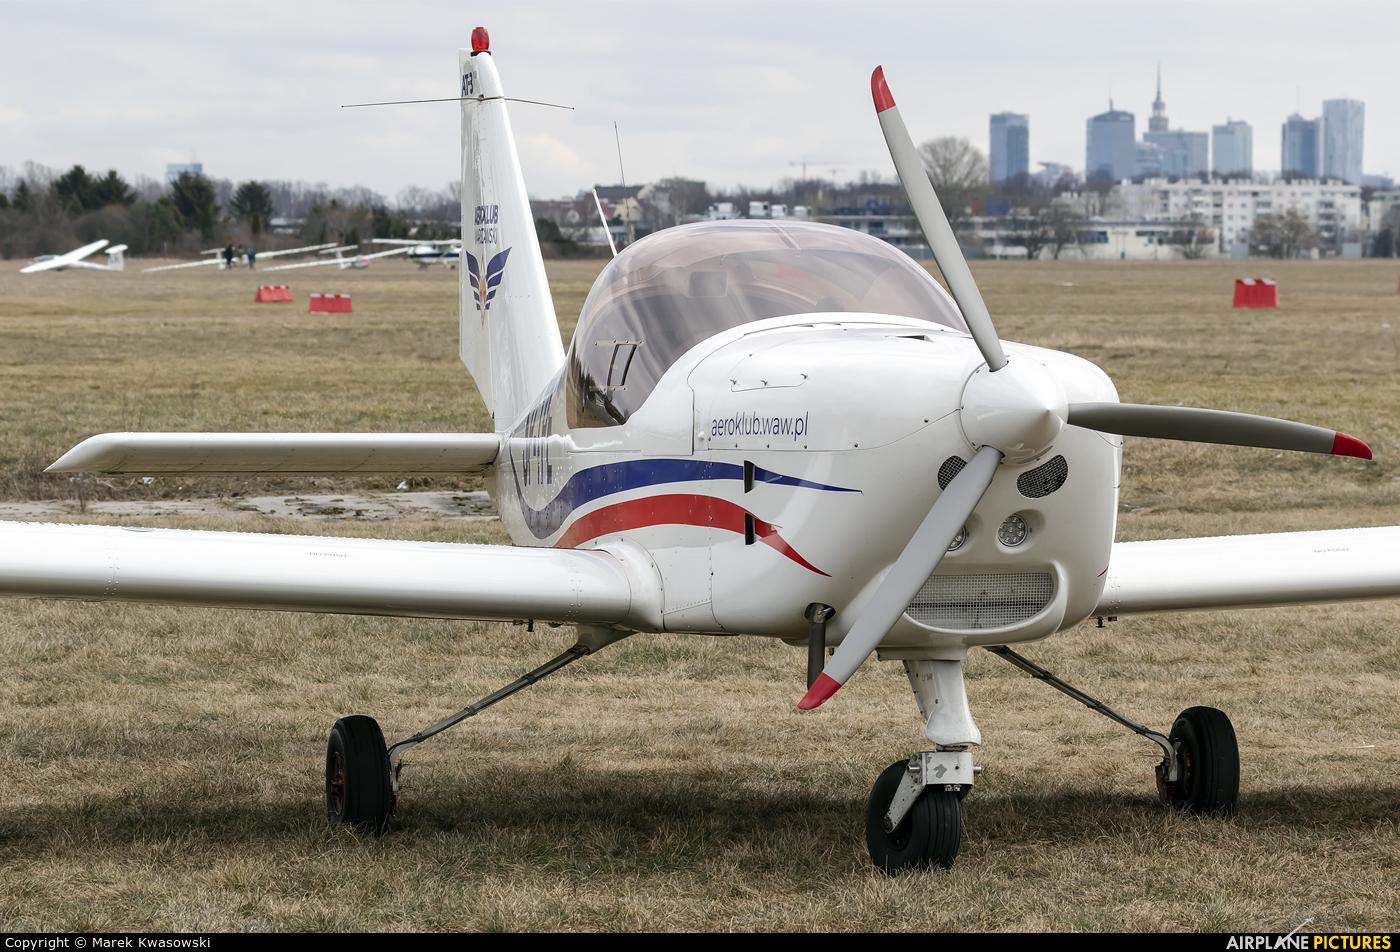 Aeroklub Warszawski SP-TPE aircraft at Warsaw - Babice